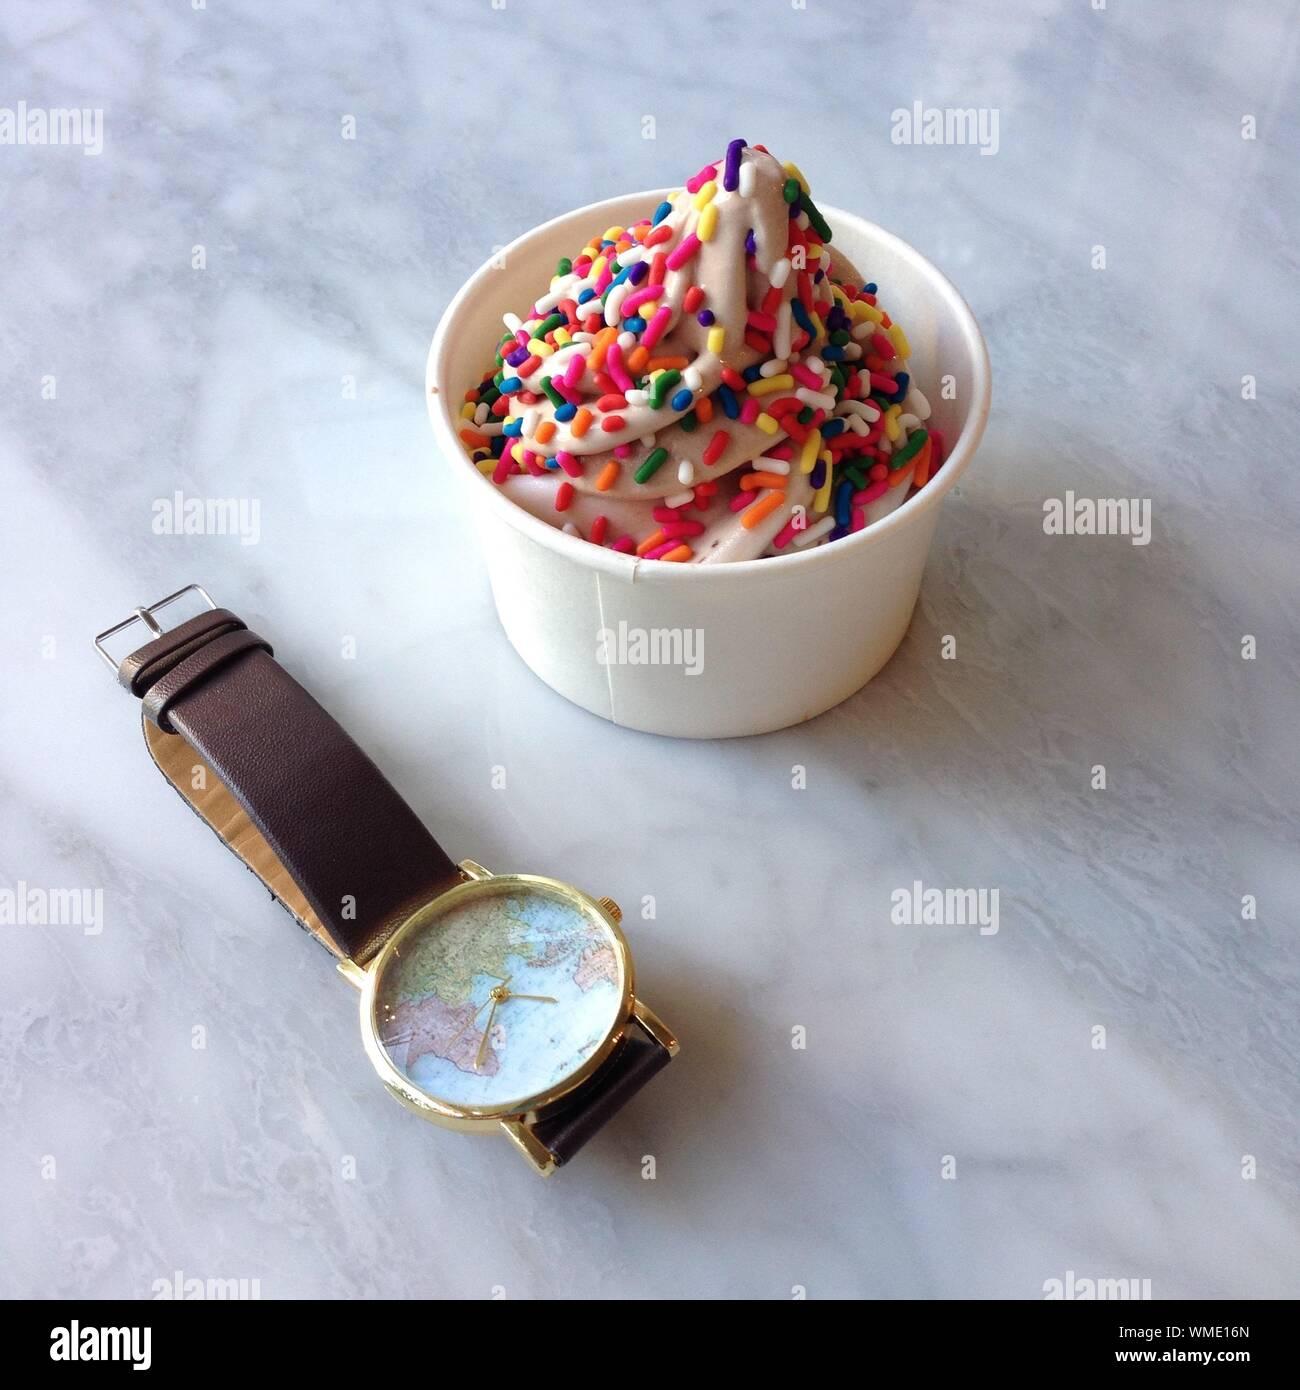 wristwatch by frozen yogurt with sprinkles WME16N